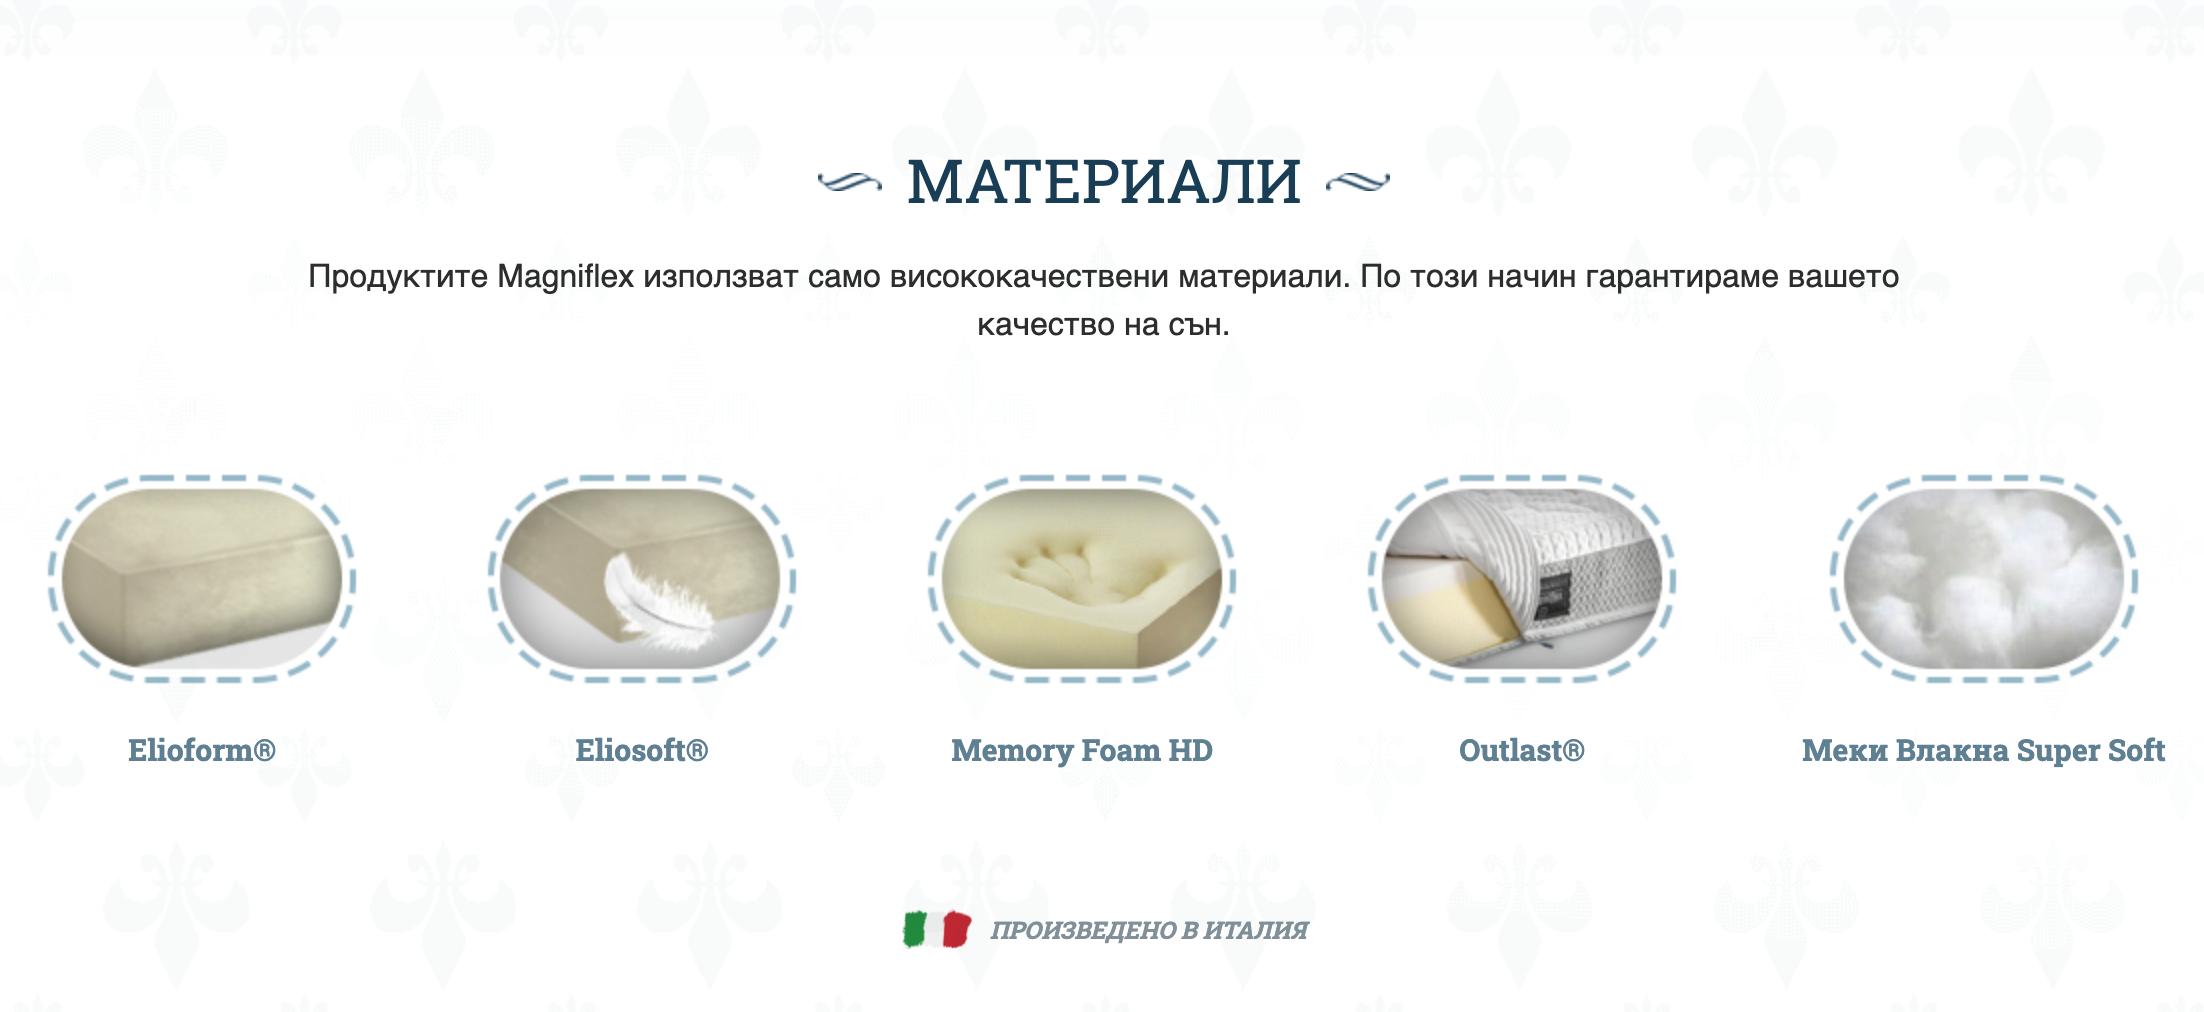 Матрак Magniflex – MagniStretch